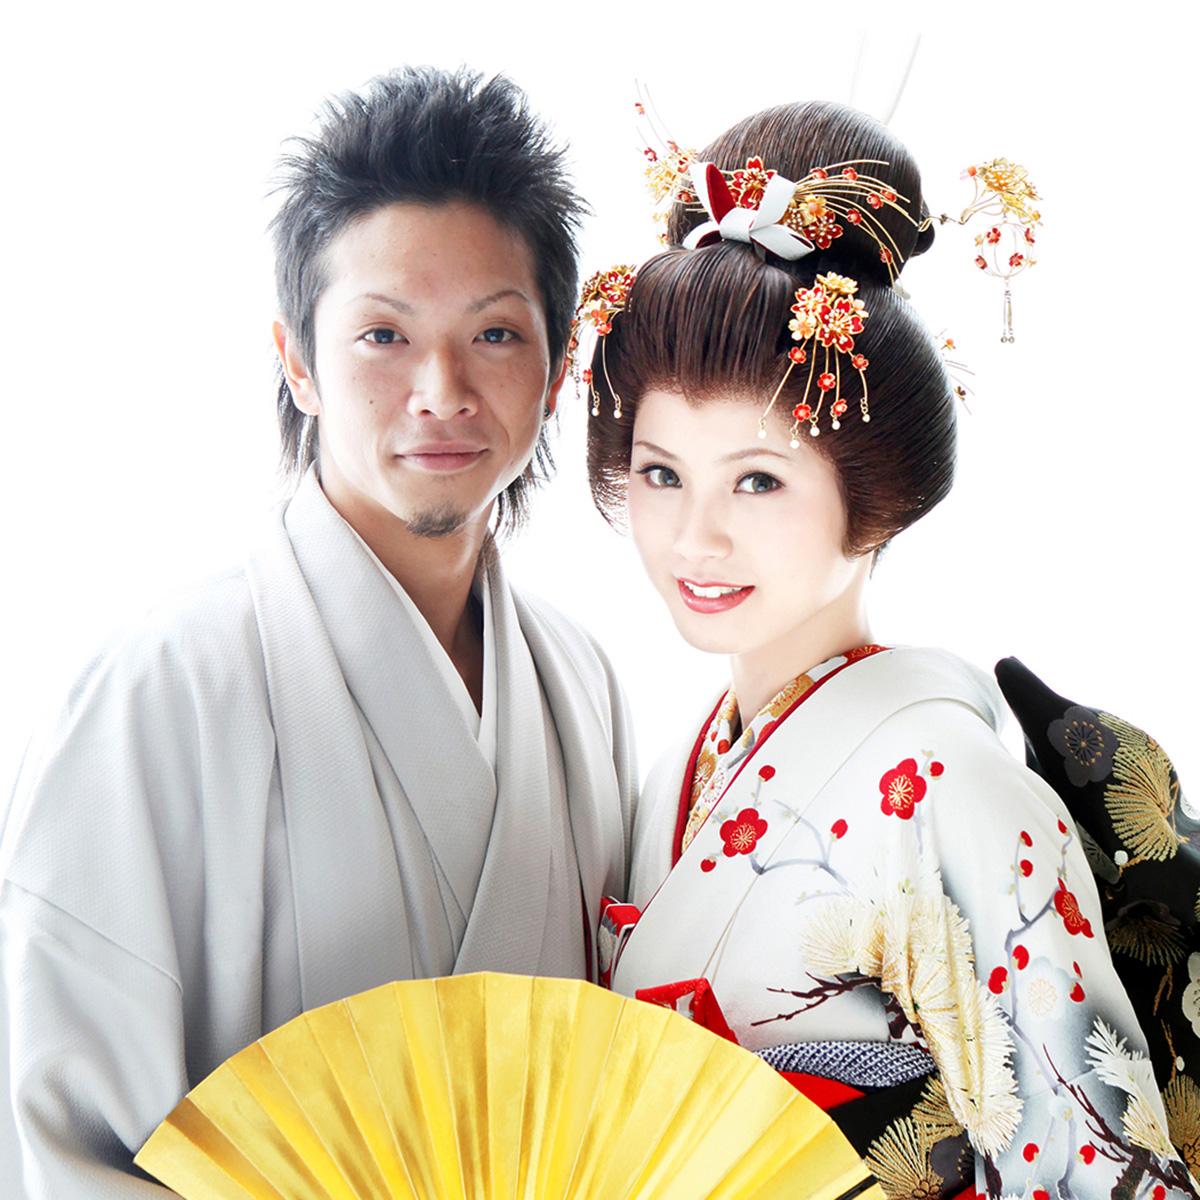 ブライダル・写真だけの結婚式(スタジオメニュー)|青森県青森